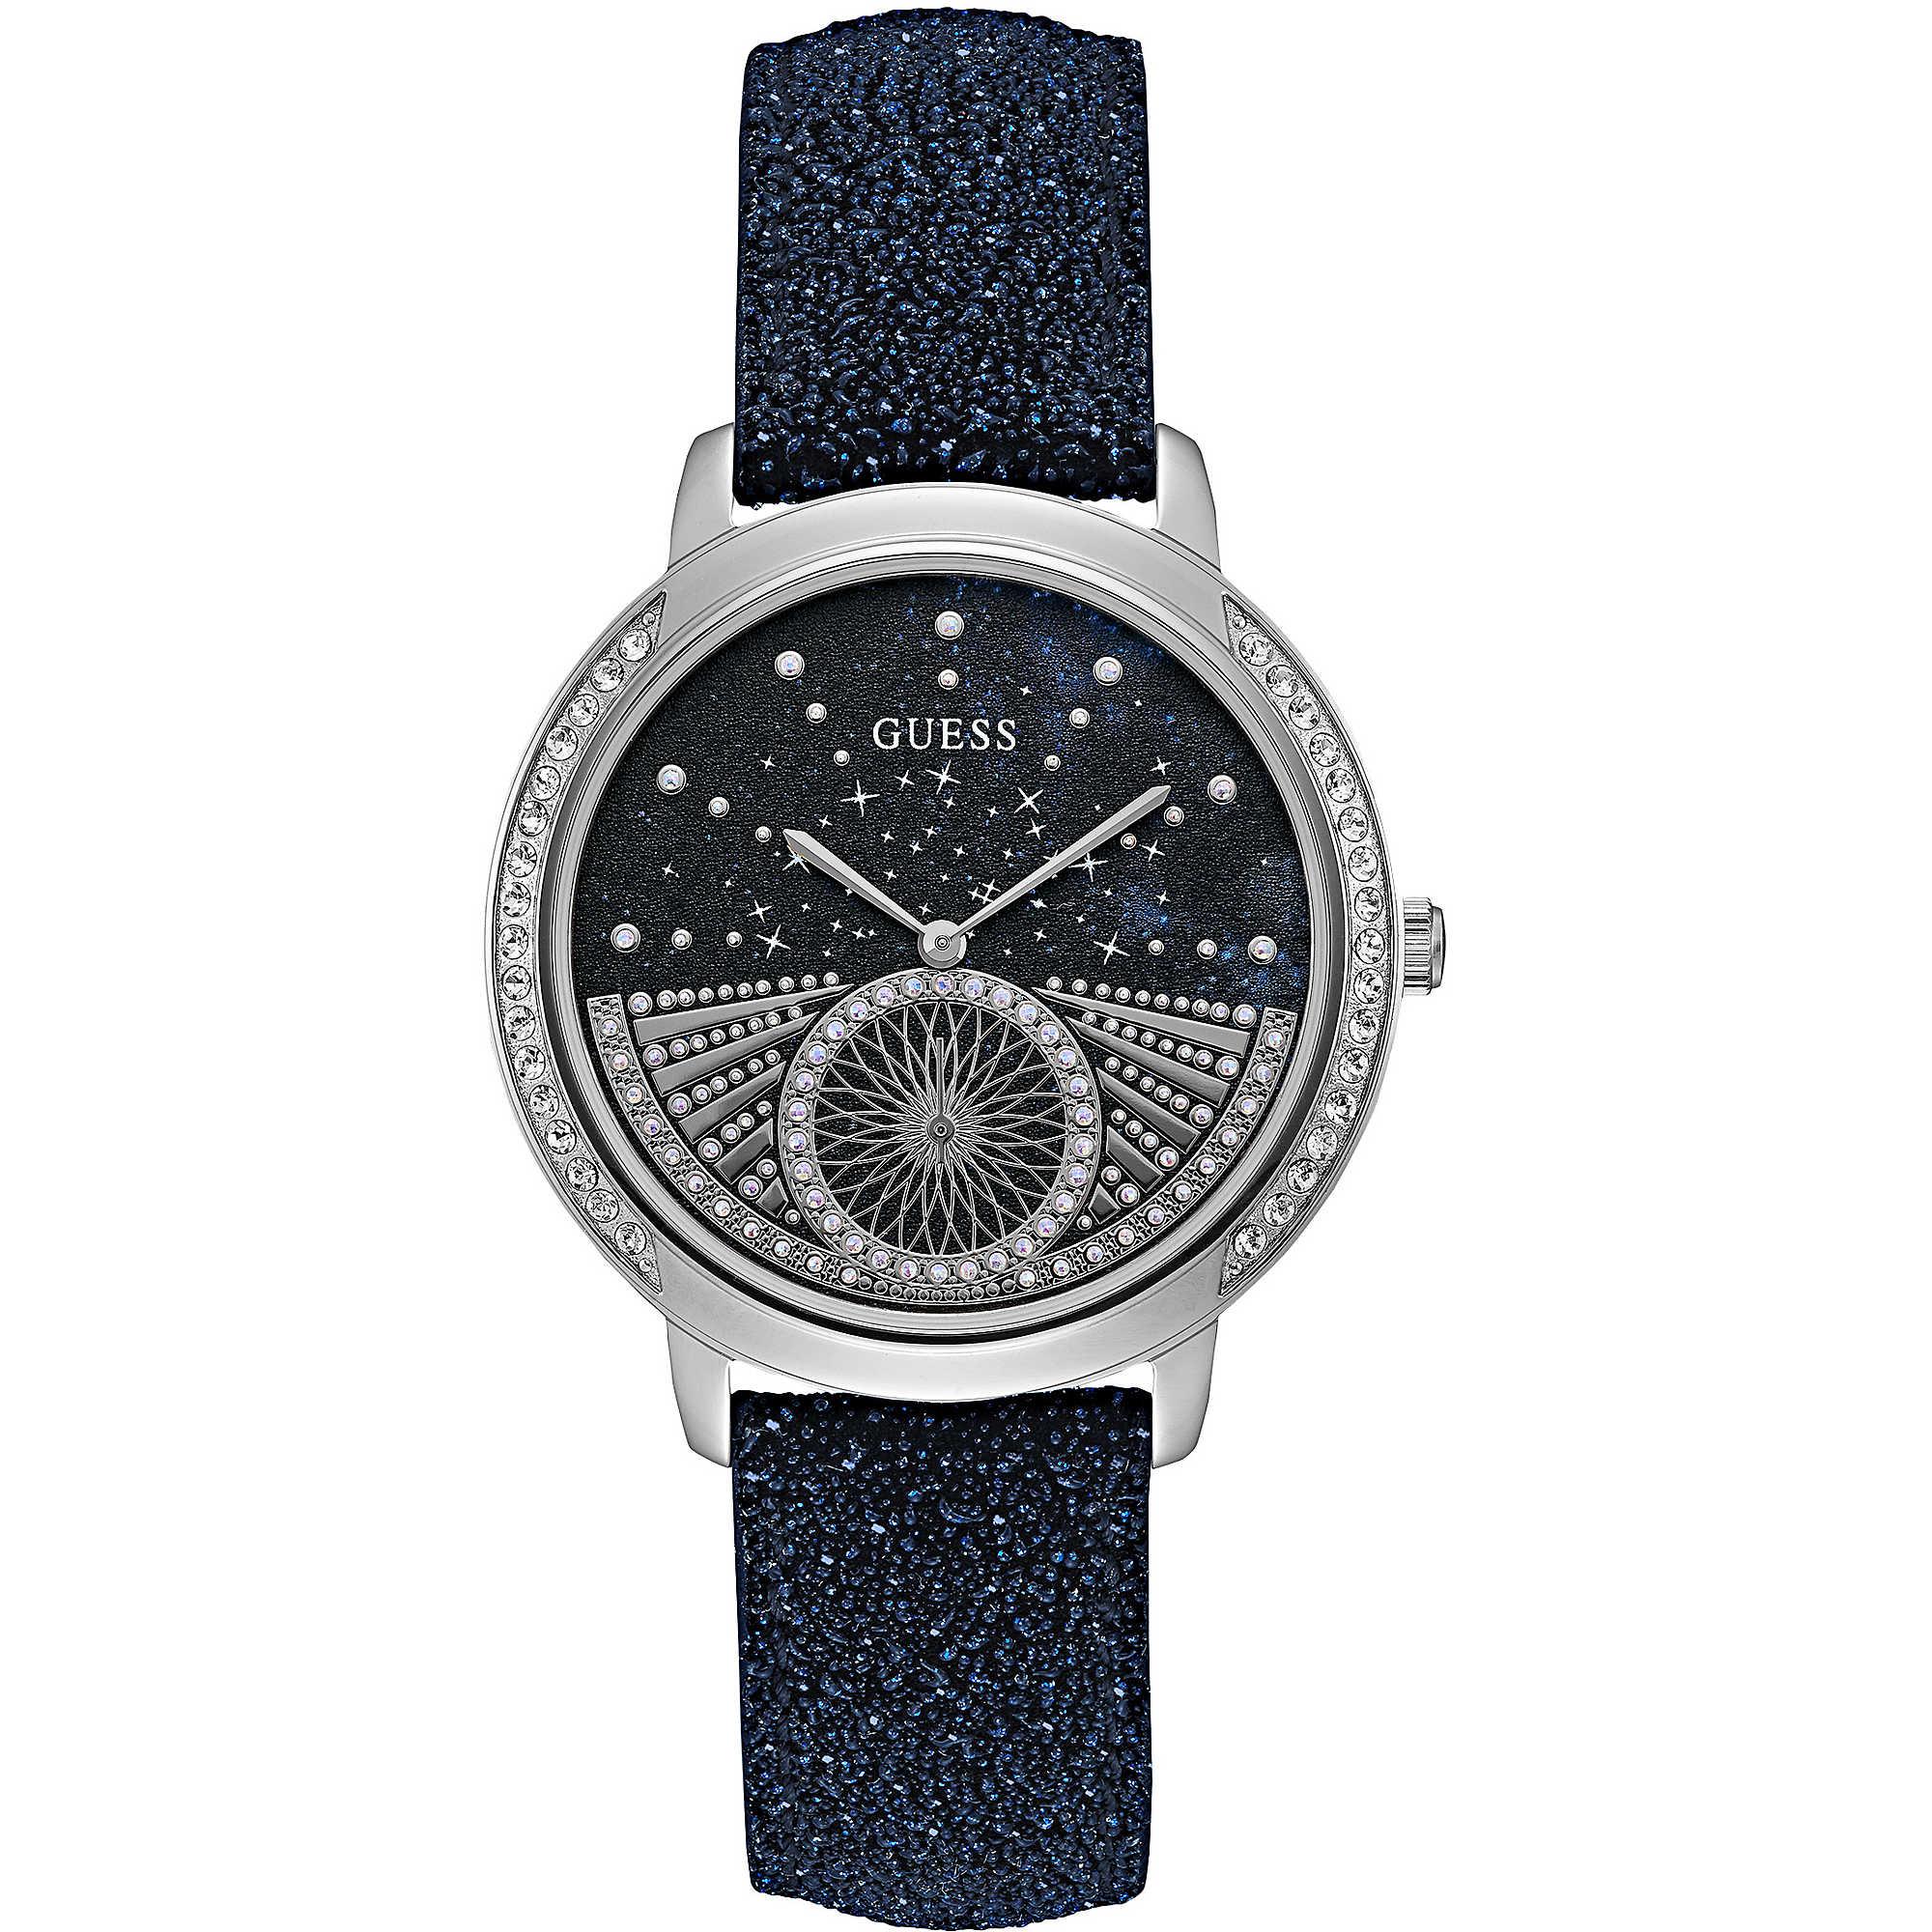 dad7a200e9b9f9 orologio solo tempo donna Guess Stargazer W1005L1 orologio solo tempo donna  Guess Stargazer W1005L1